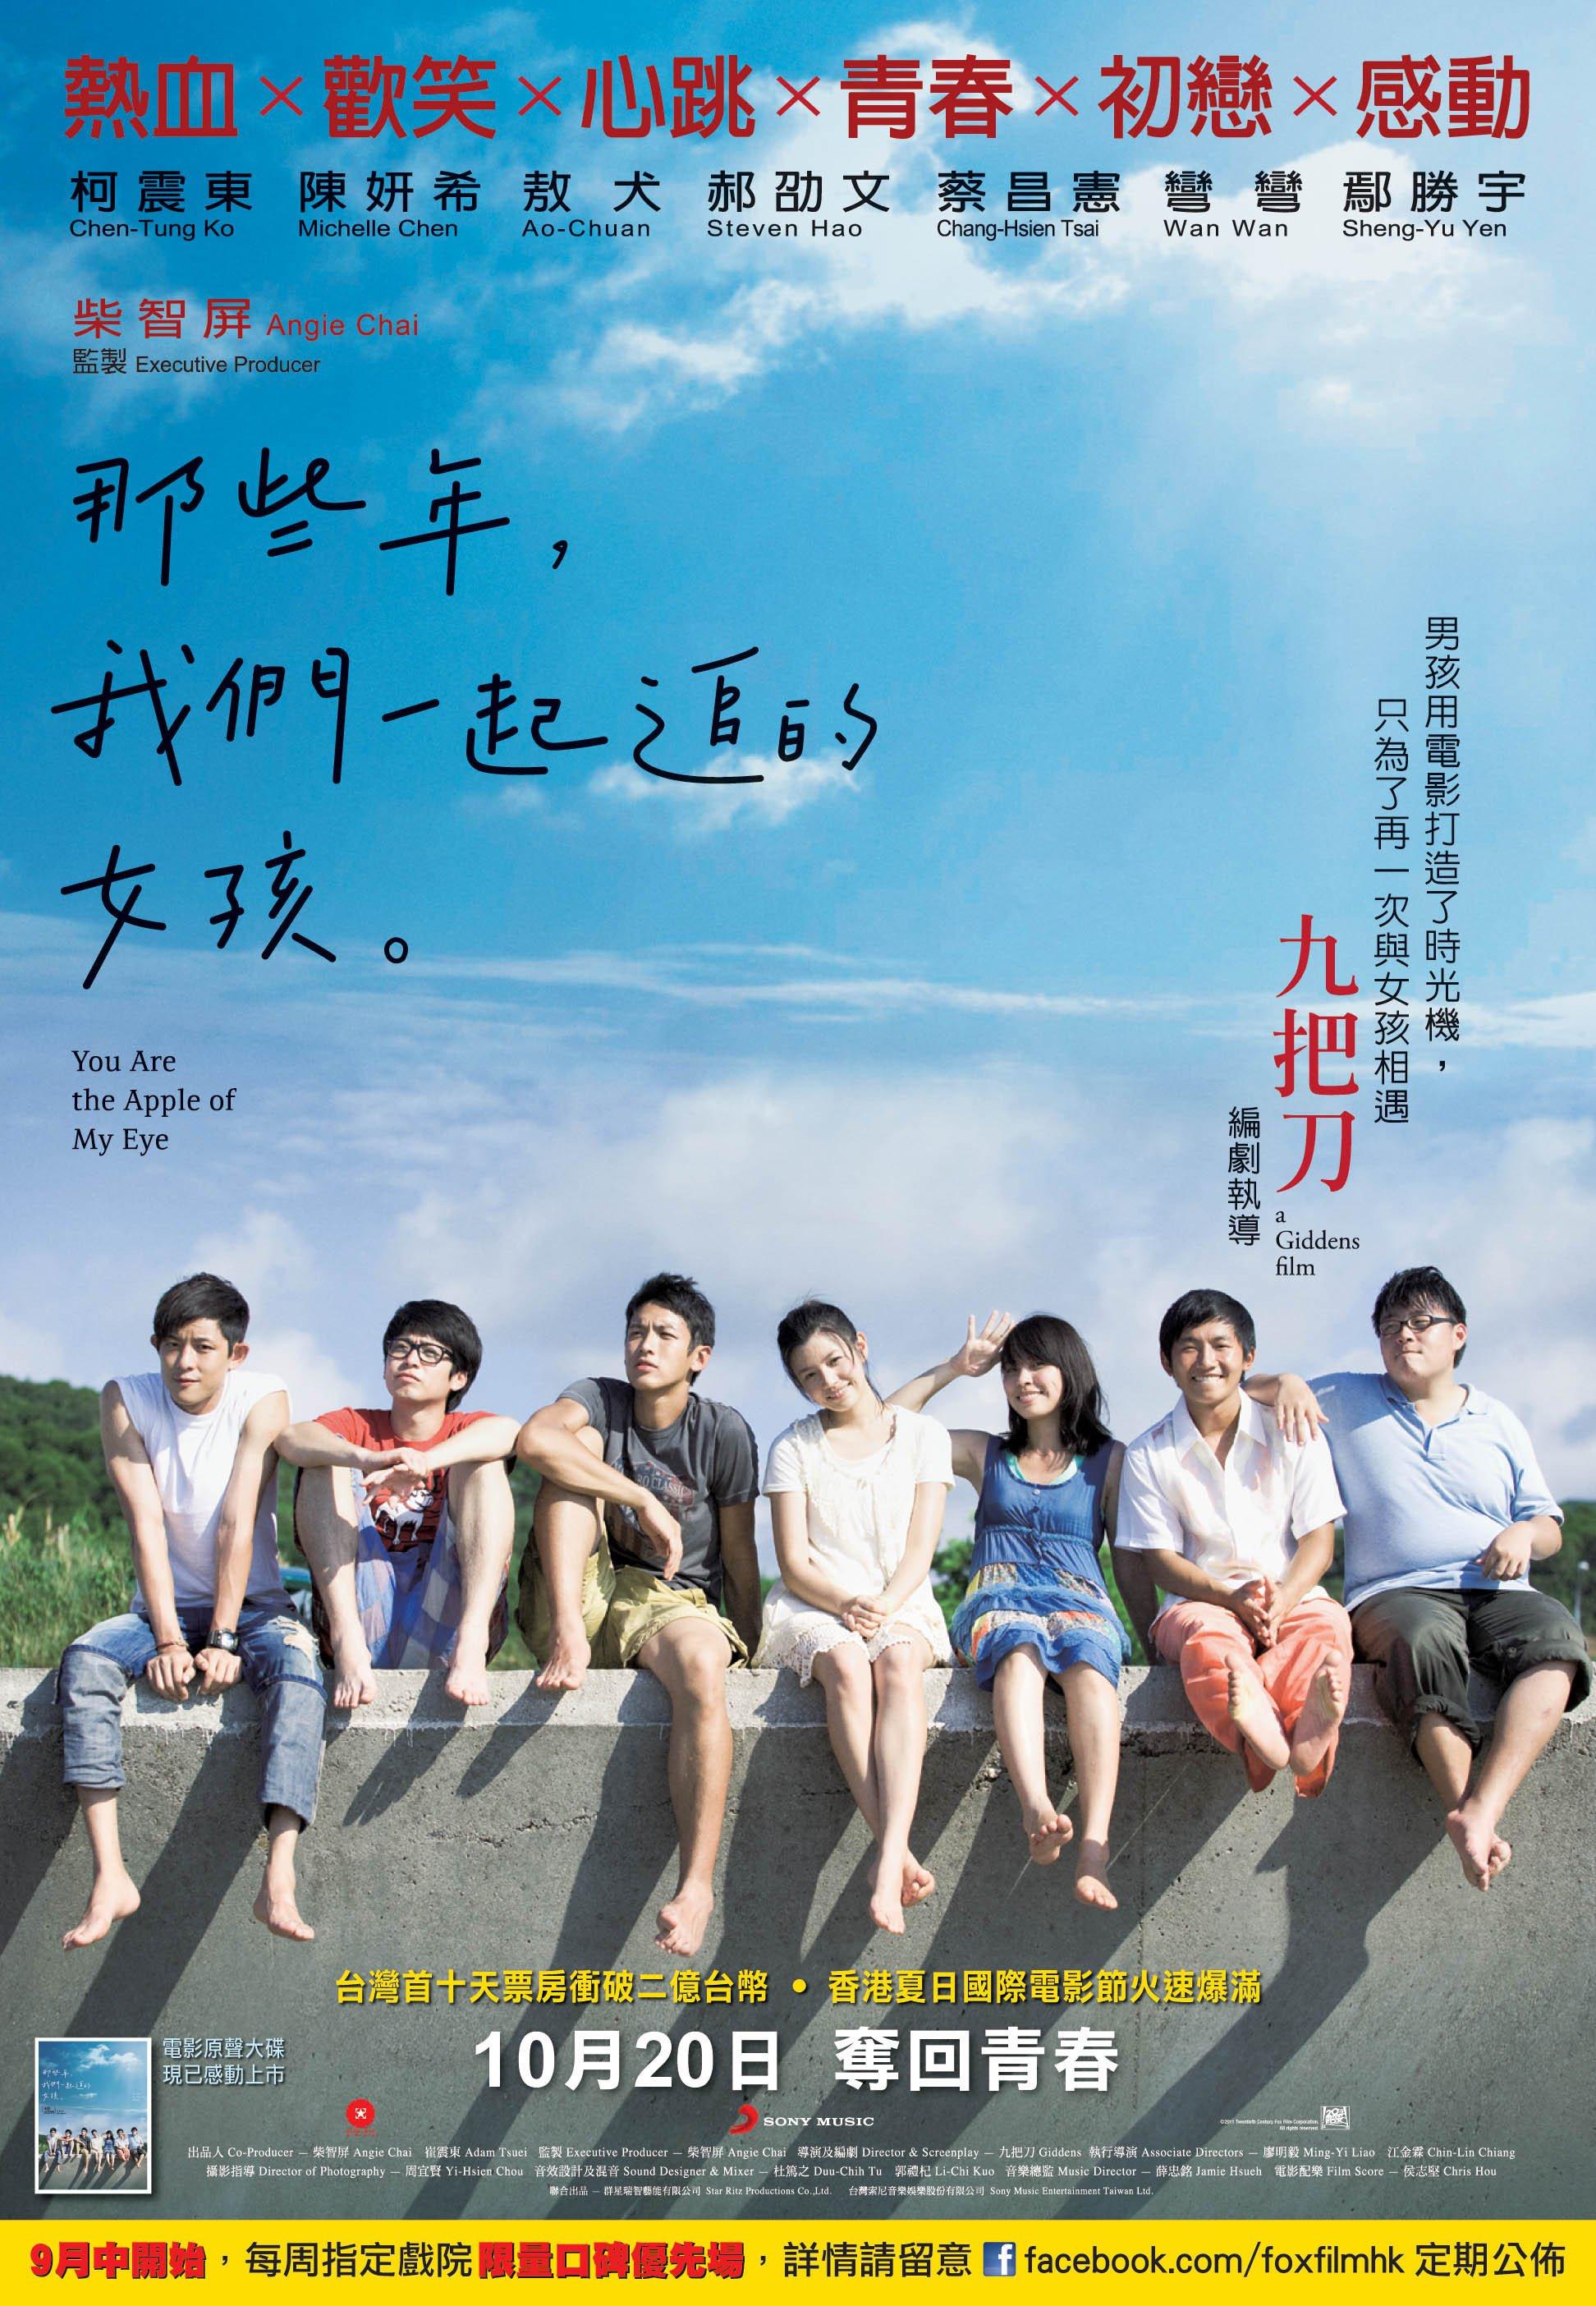 Na xie nian, wo men yi qi zhui de nu hai (2011)